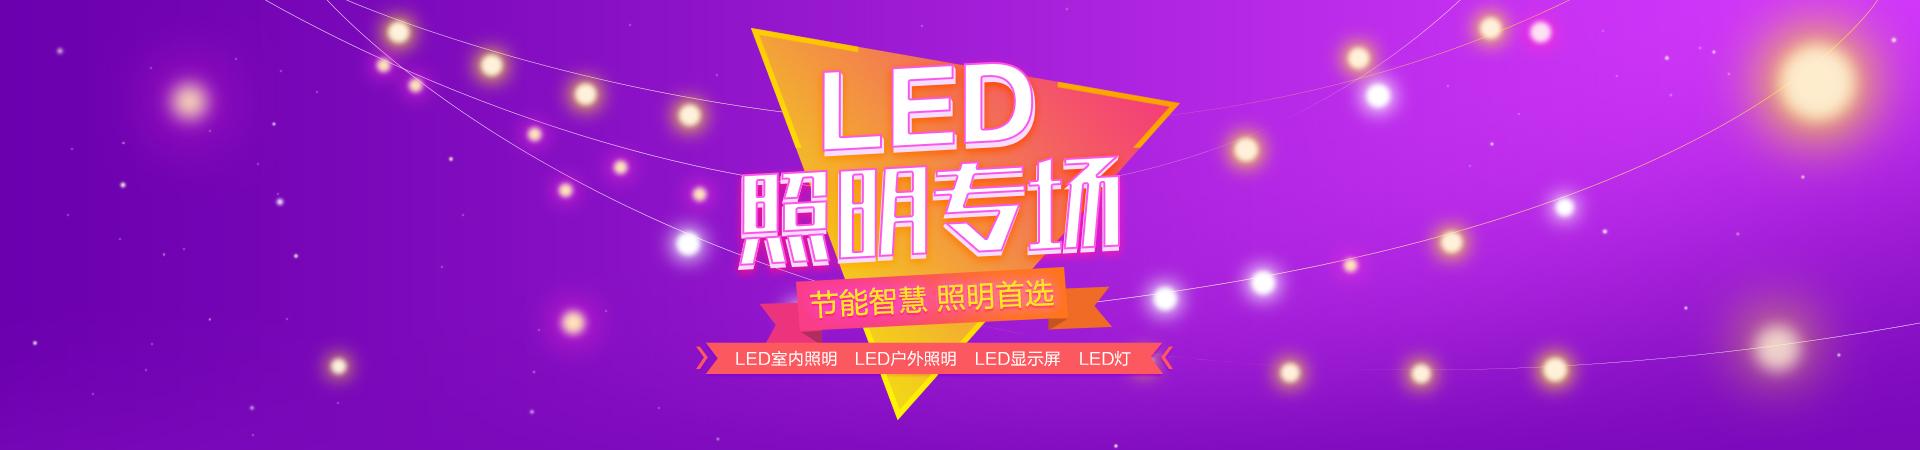 LED照明专场 等你来点亮